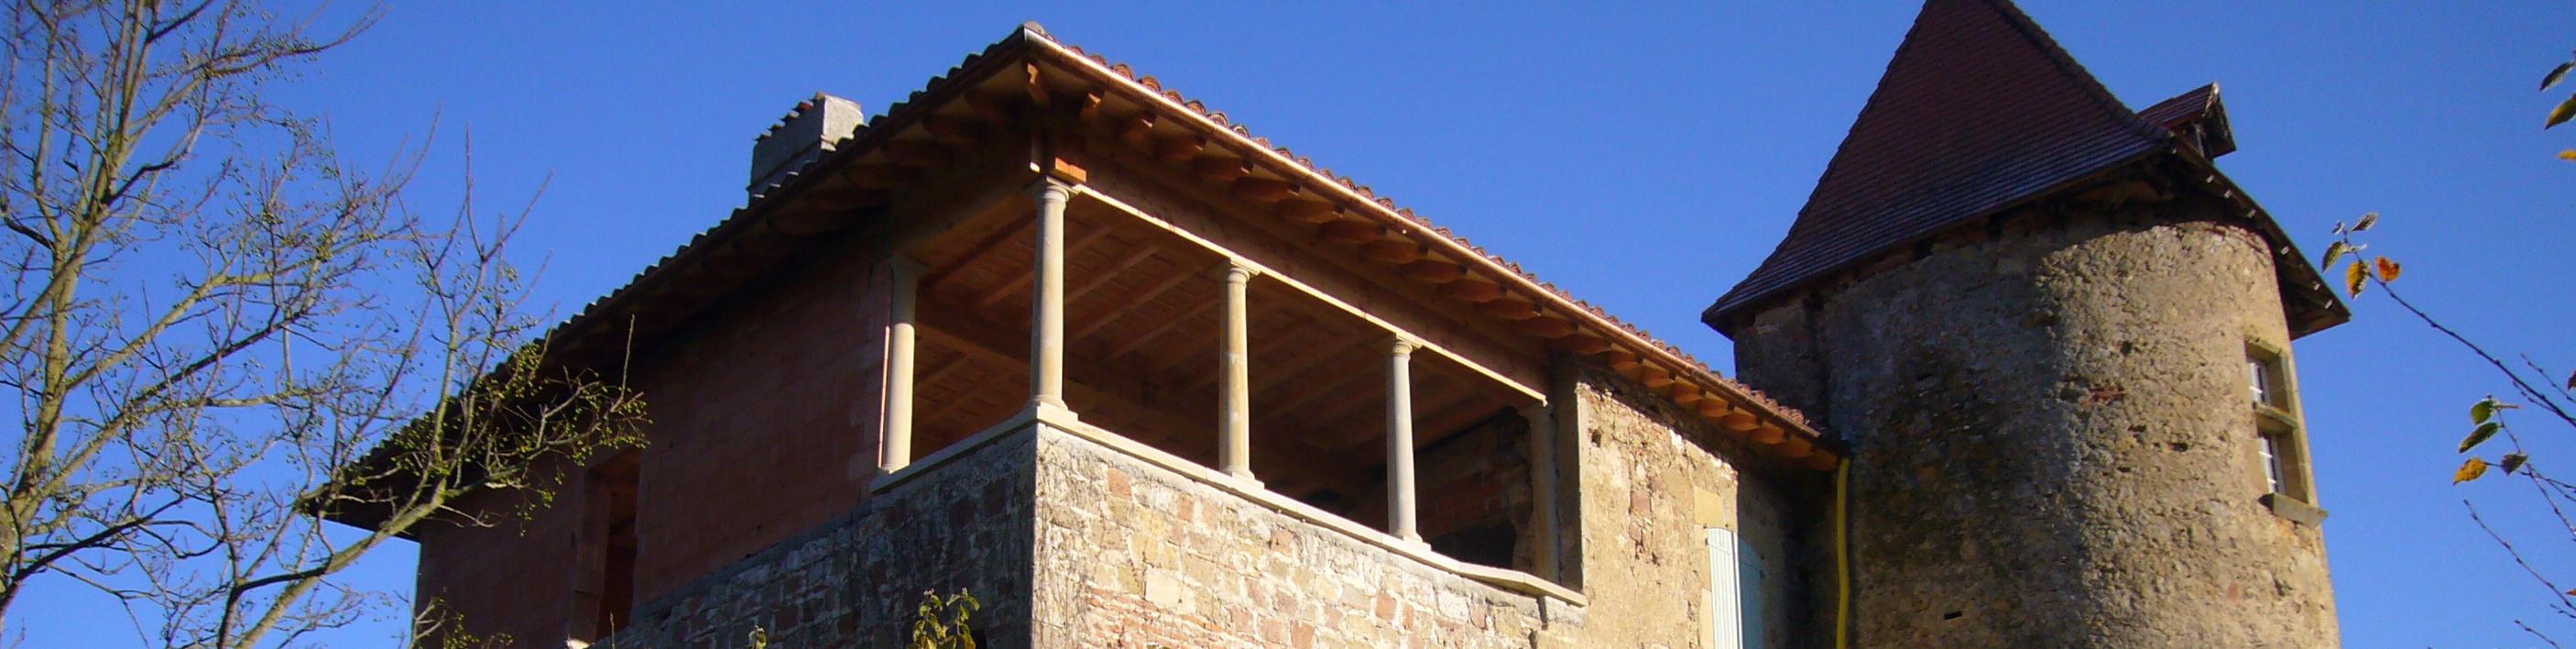 Pâtrimoine ancien, Rénovation maçonnerie taille de pierre